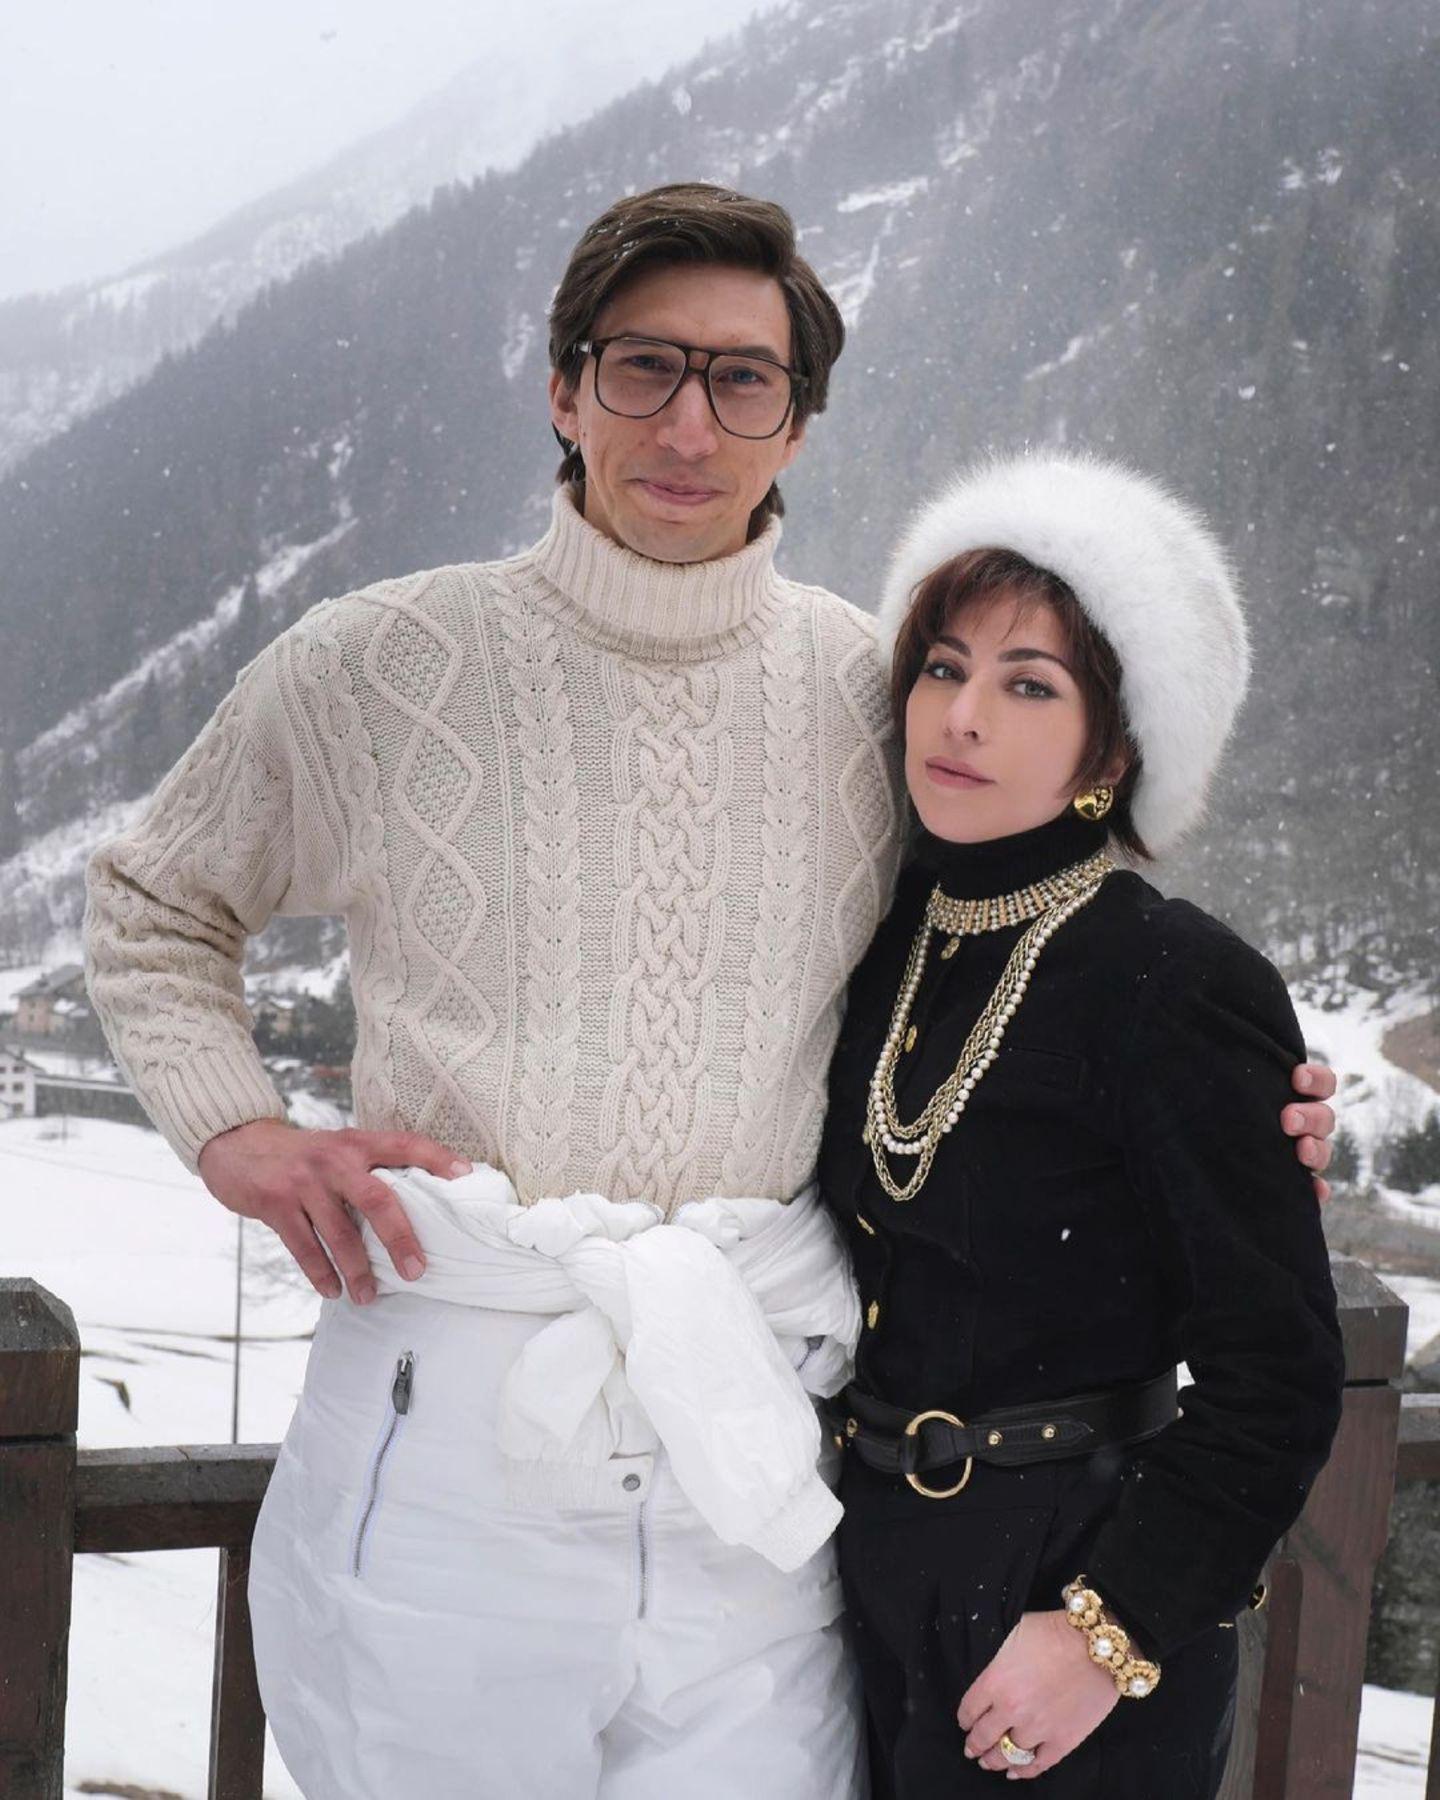 """Dürfen wir vorstellen: Signore und Signora Gucci. Aktuell stehen Adam Driver und Lady Gaga für den Film """"House of Gucci"""" vor der Kamera. Und diese opulenten Looks machen uns jetzt schon Lust auf den Film über das ikonische italienische Modehaus."""